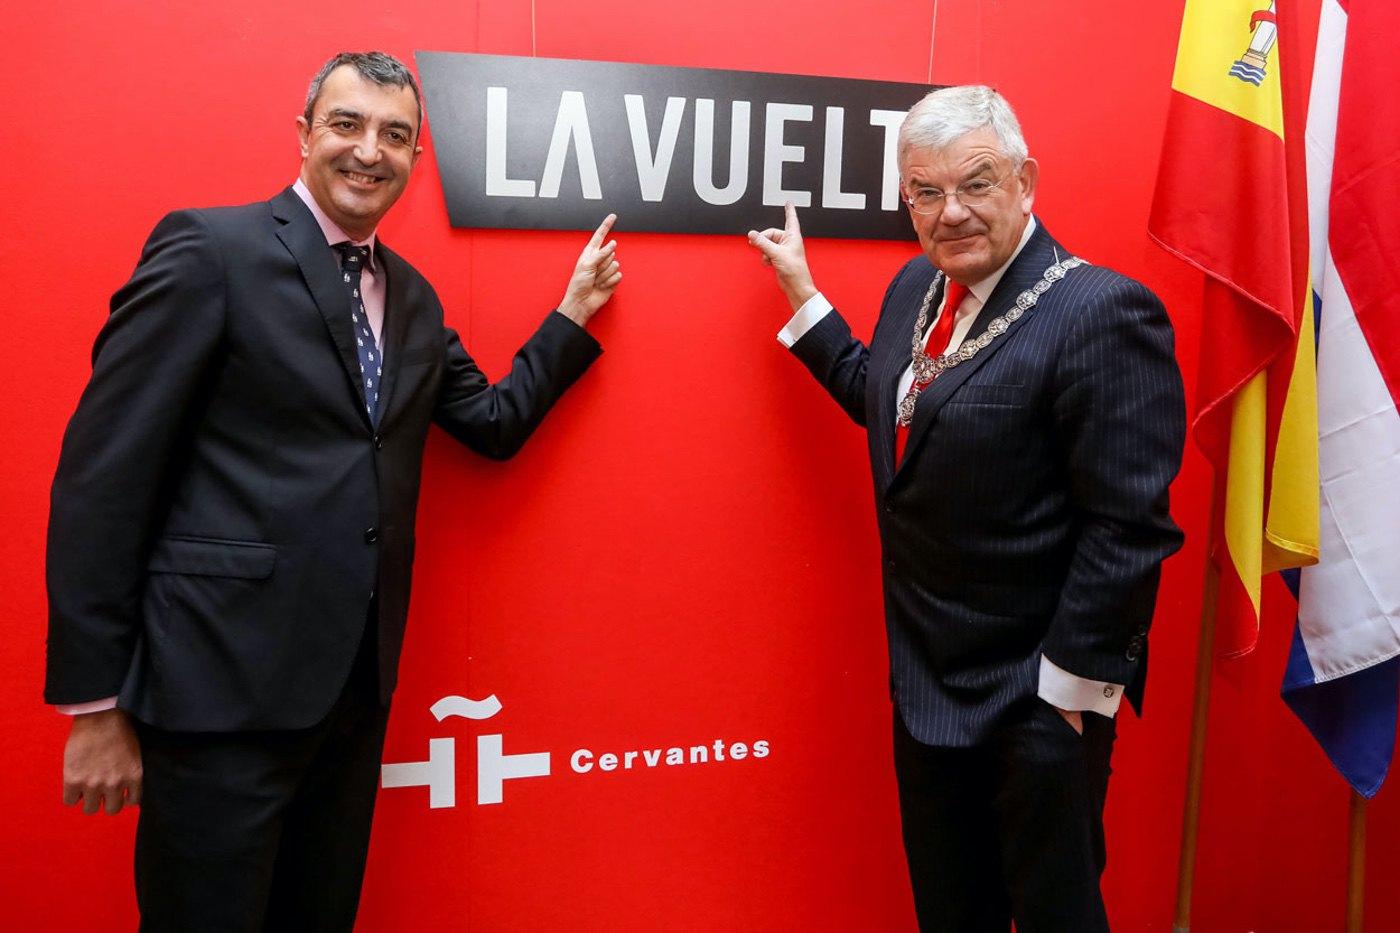 Javier Guillén, director de La Vuelta, y Jan Van Zanen, alcalde de Utrech